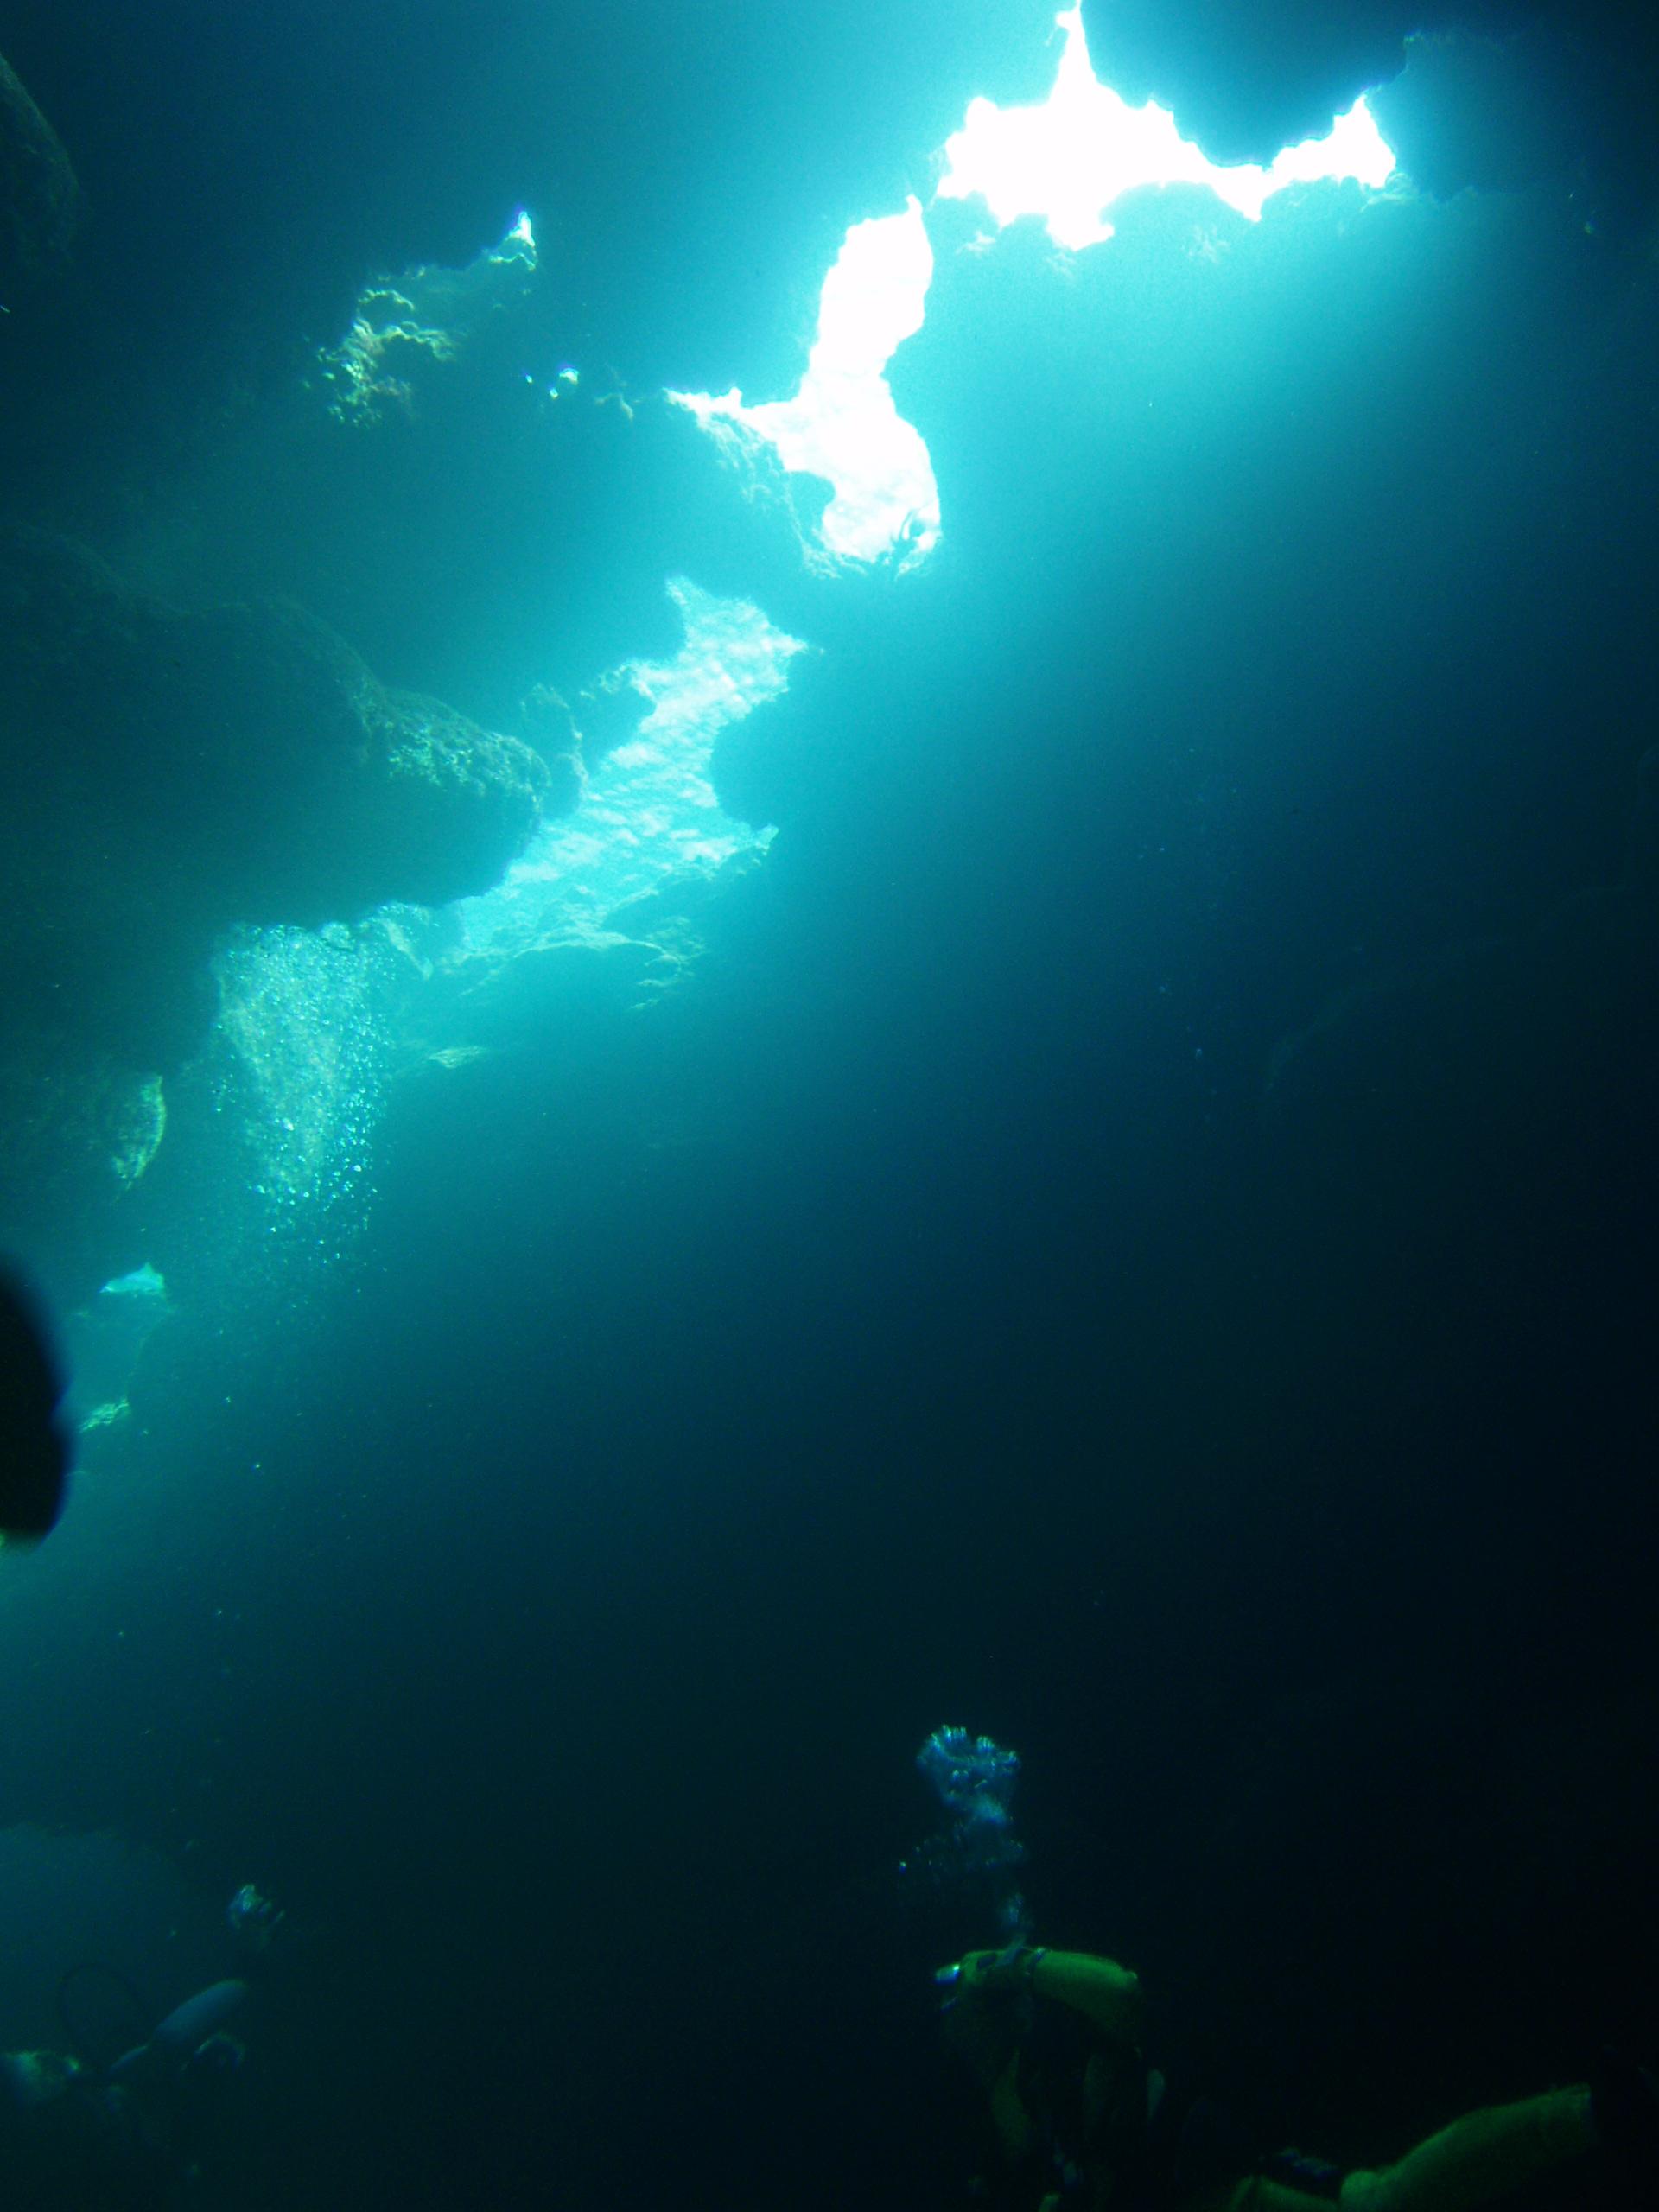 8月25日 ポイント1 ニタ洞窟 ポイント2 ブツブツサンゴ ポイント3 コアシス 水温28℃ 透明度 20〜25m